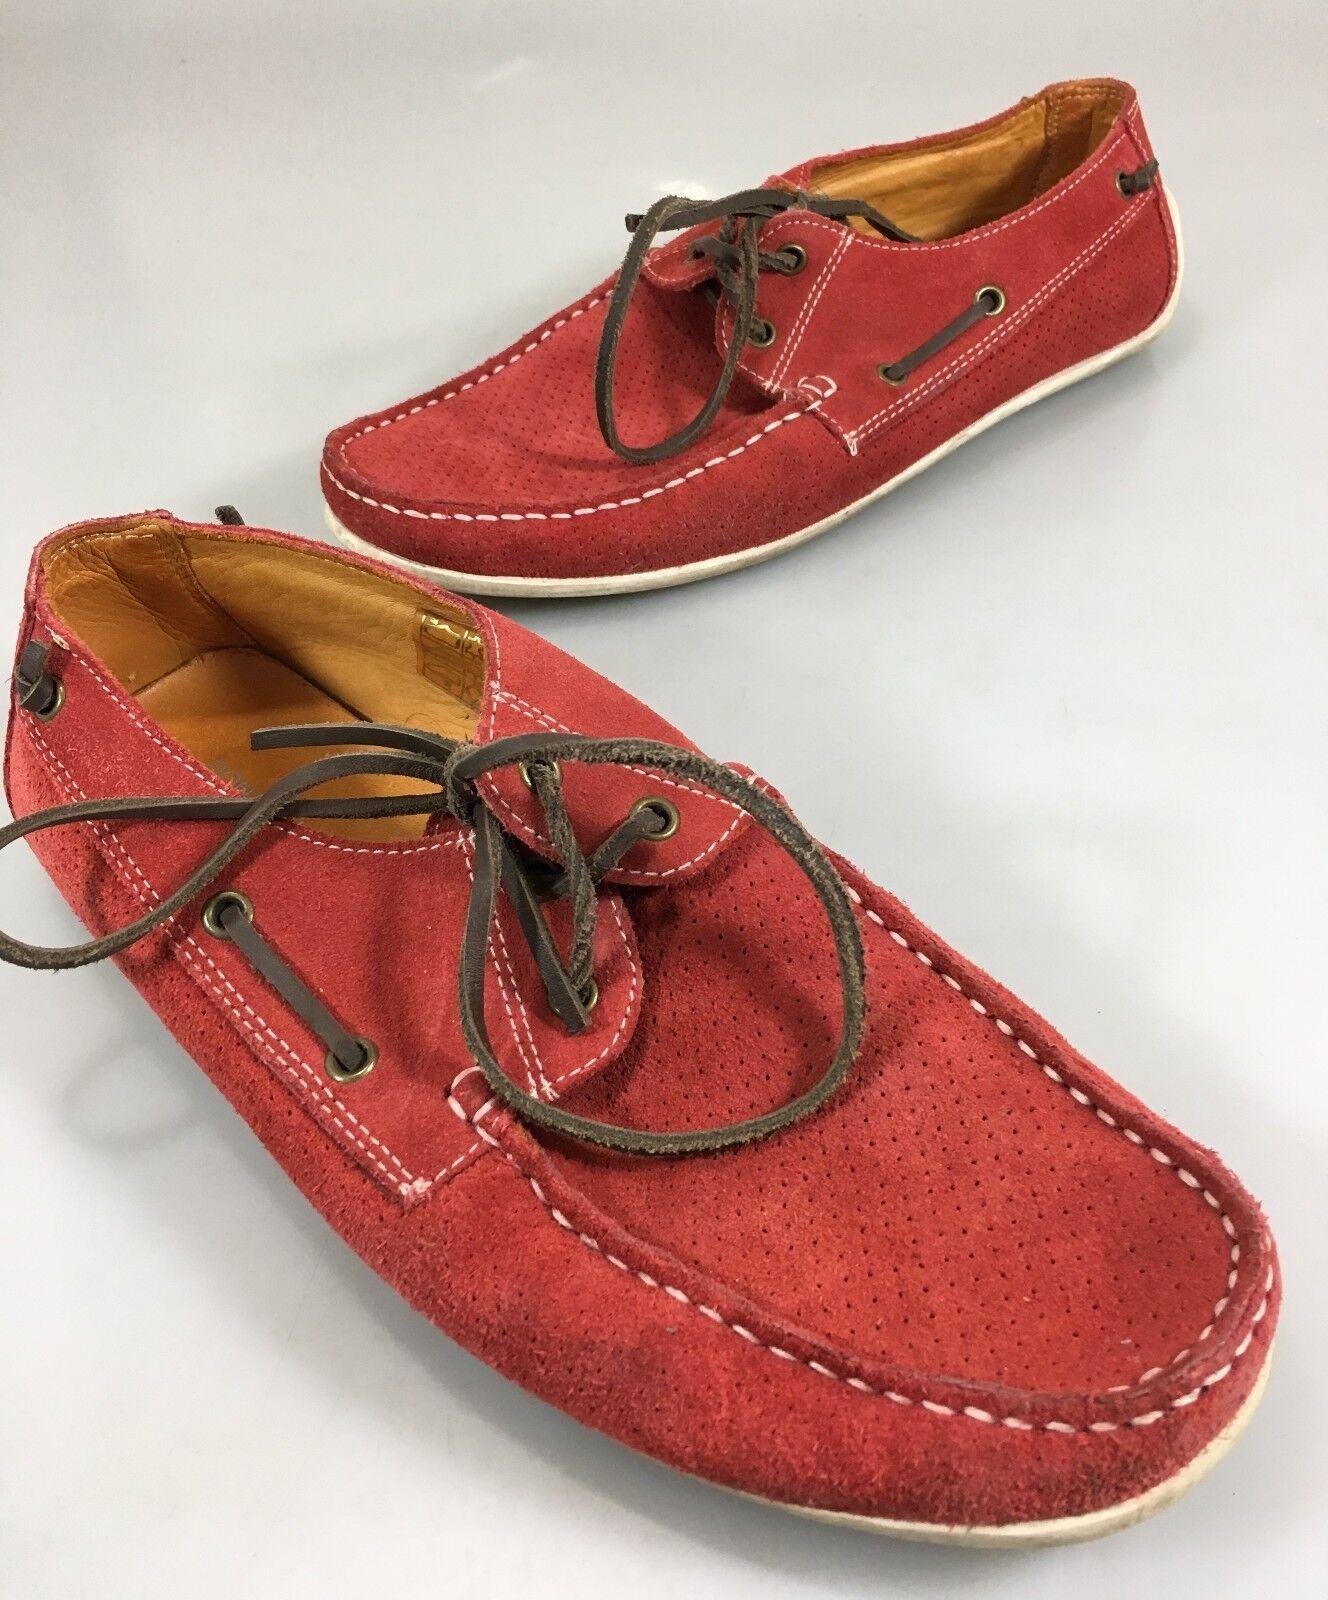 Donald J Pliner Mens 8 Braden Red Suede Driving Mocs Slip-on Boat Shoes